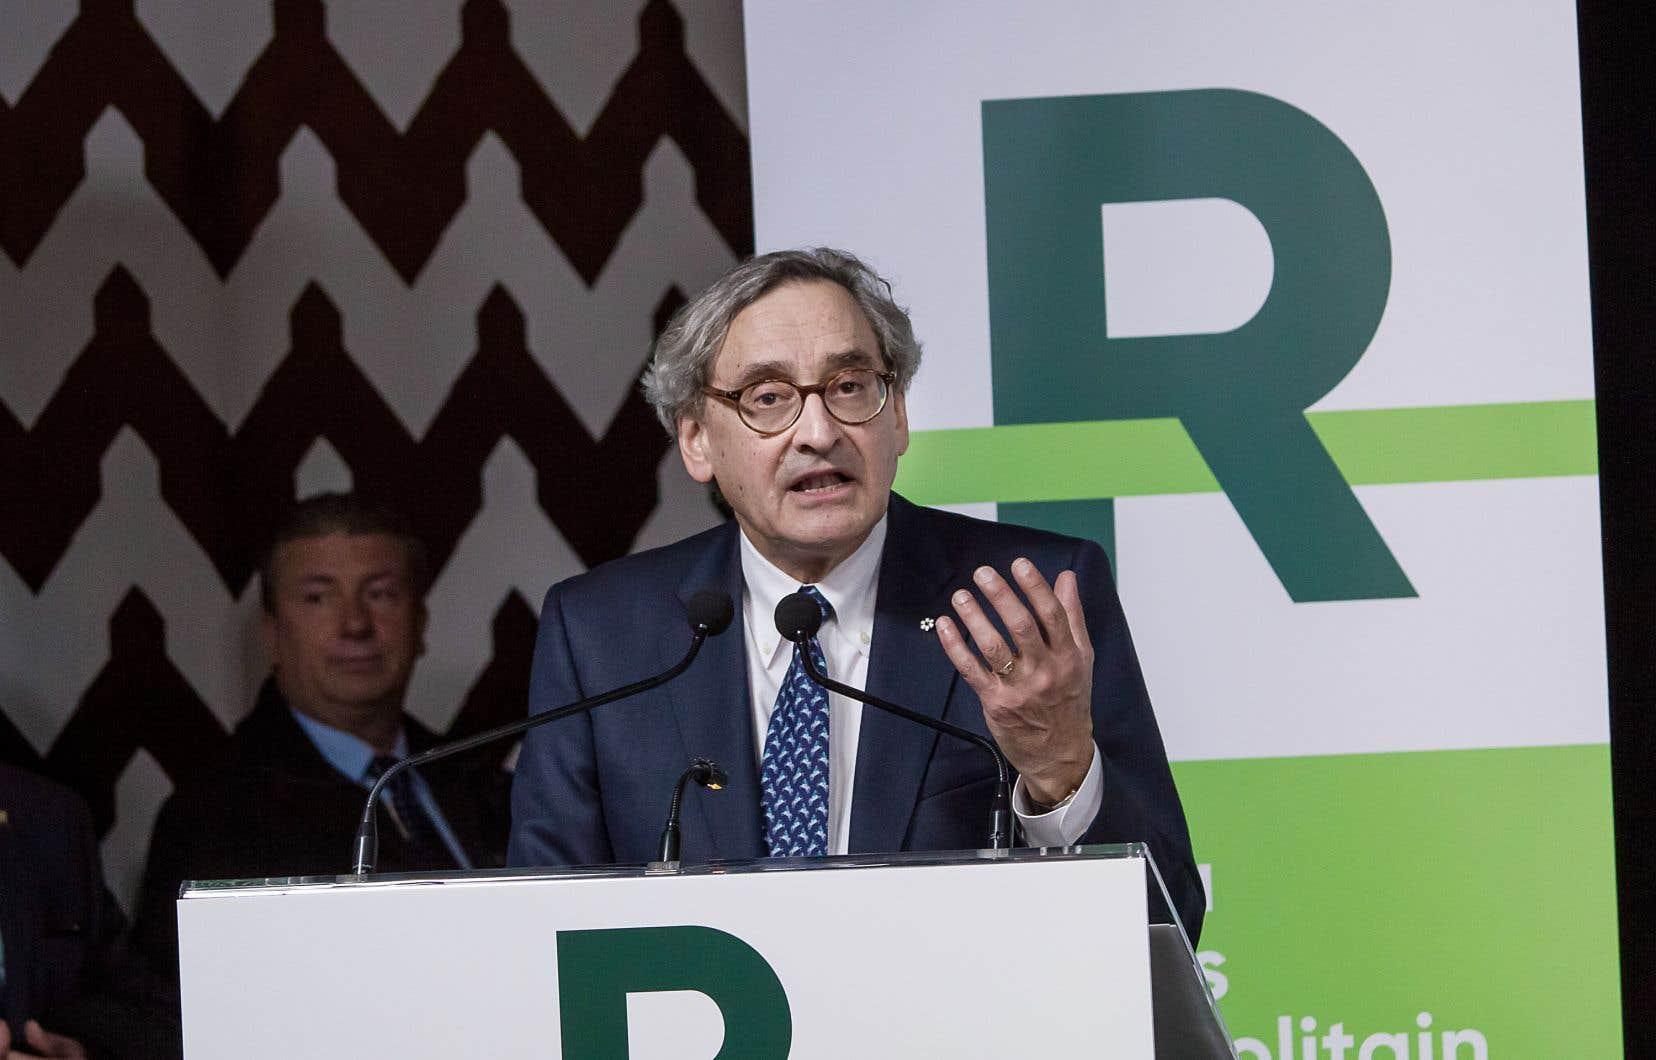 Le président et chef de la direction de la Caisse de dépôt et placement du Québec,Michael Sabia, a recommencé en 2013 à redéployer une présence de la Caisse à l'étranger, souligne l'auteur.